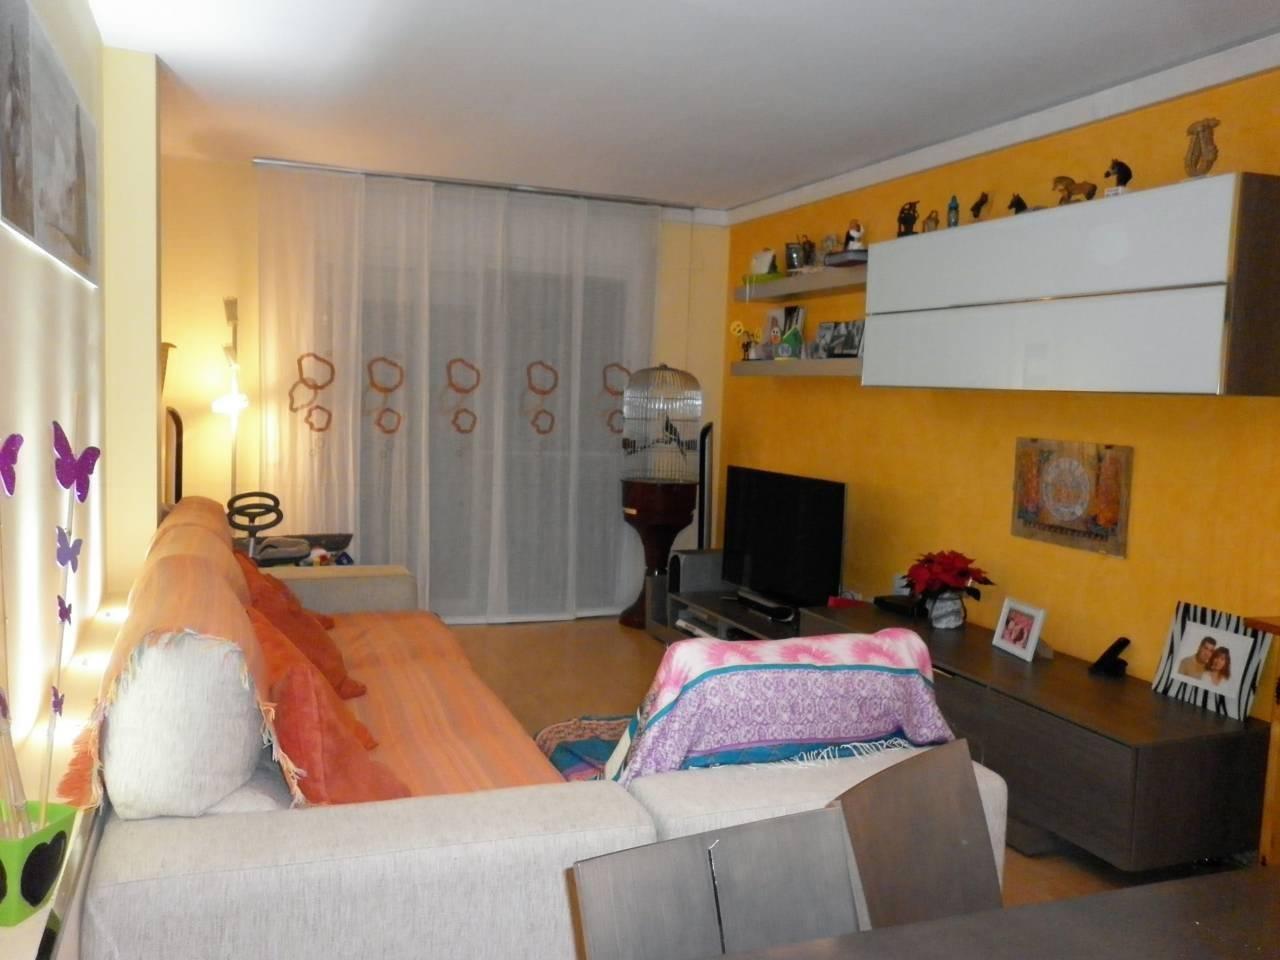 Appartement  Calle sant jordi. Superf. 70 m²,  2 habitaciones,  2 baños ducha y bañera,  traste